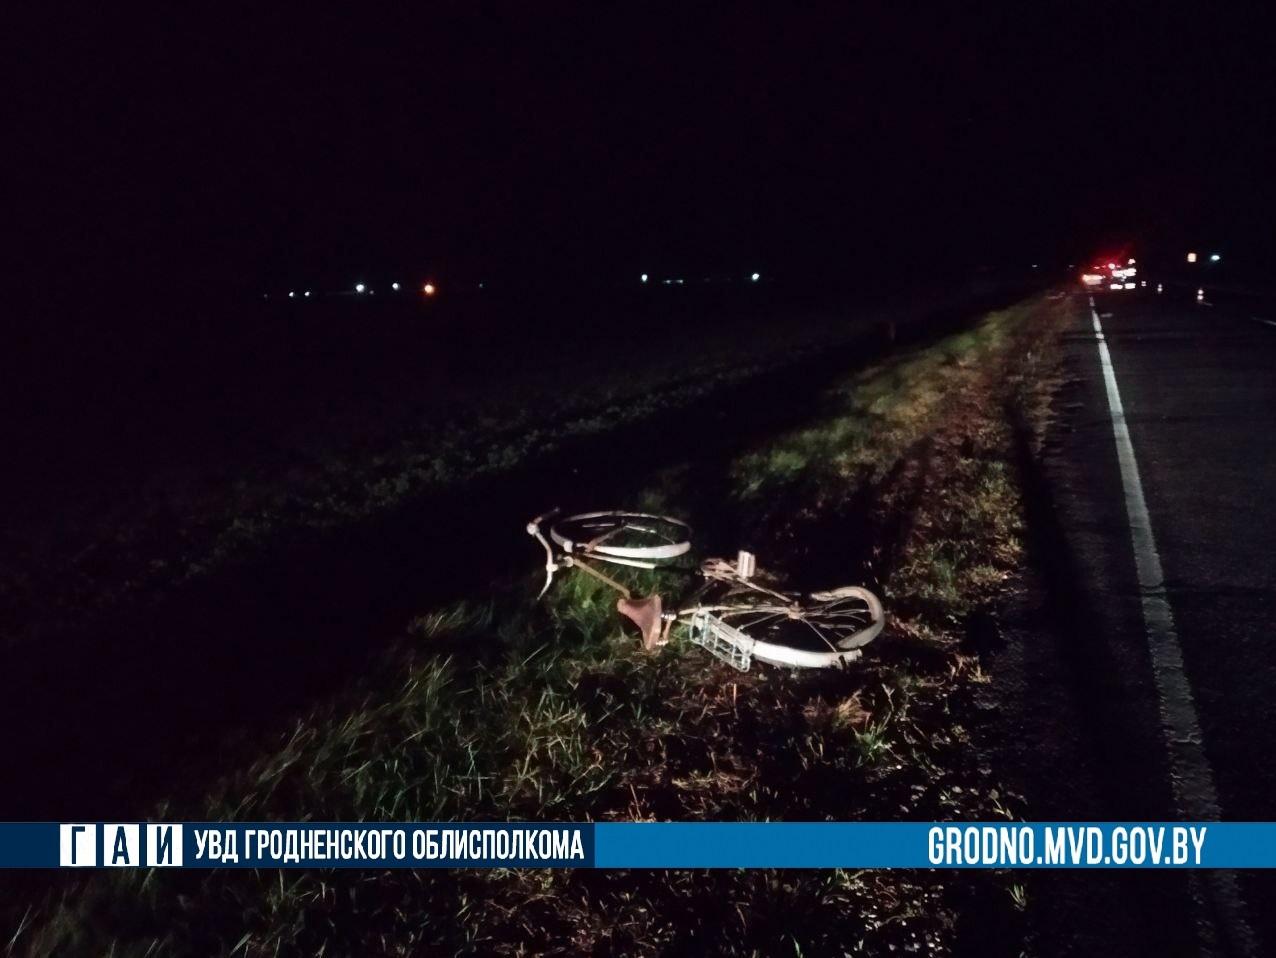 ДТП c летальным исходом под Щучином: Skoda во время обгона снесла велосипедиста